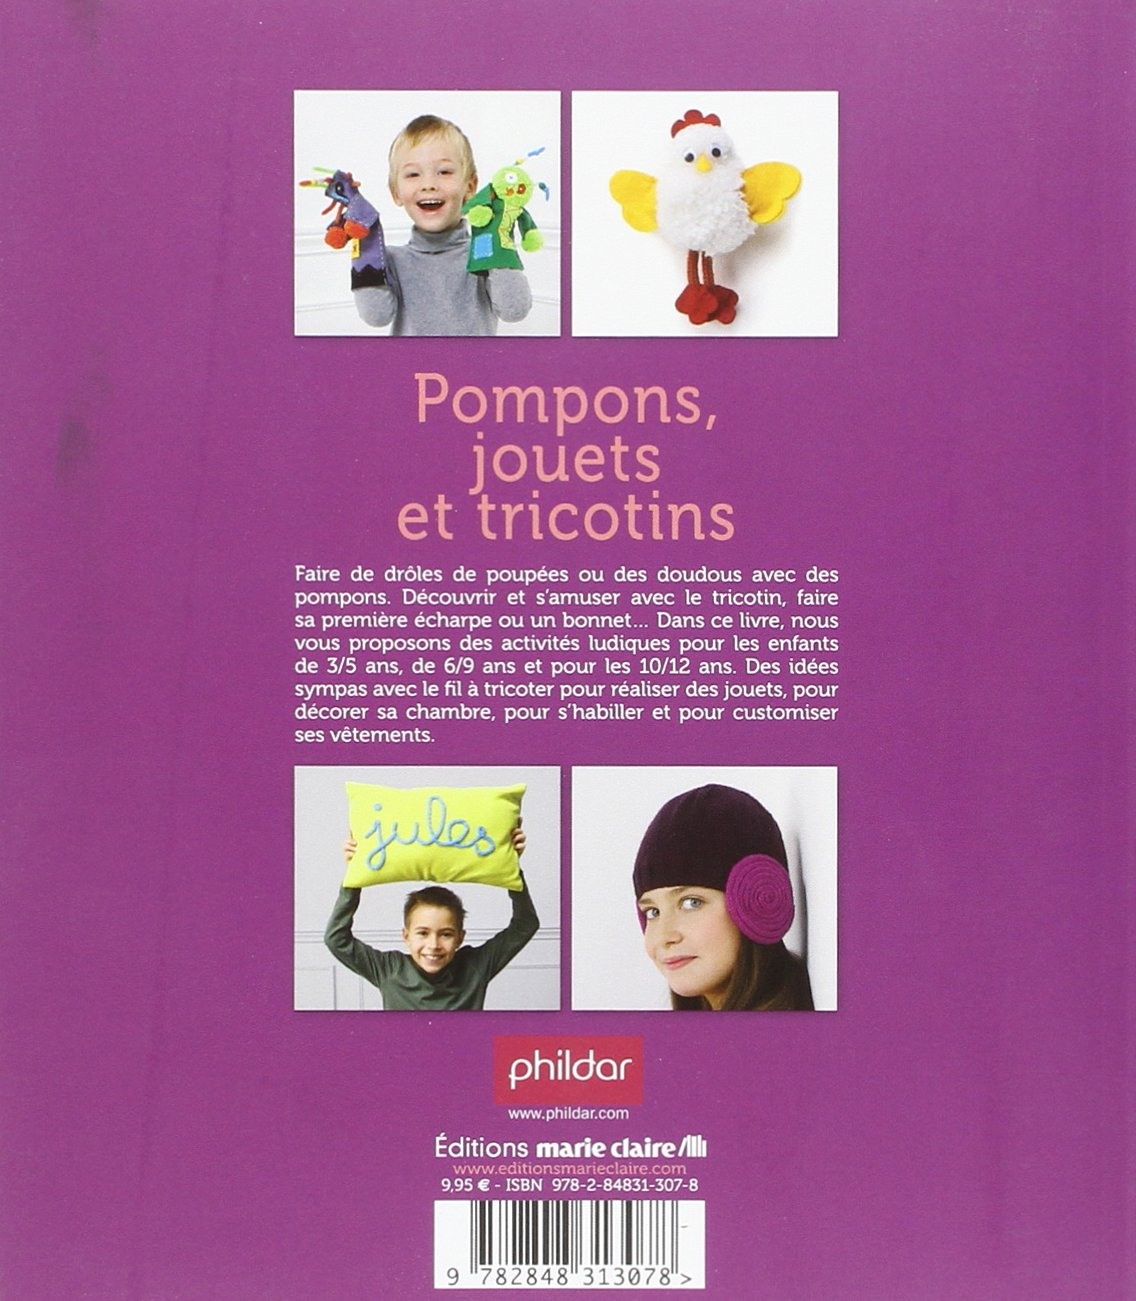 cb7a2c113e55 Amazon.fr - Pompons, jouets et tricotins   38 idées pour s amuser avec le  fil à tricoter - Thierry Lamarre, Pierre Nicou - Livres